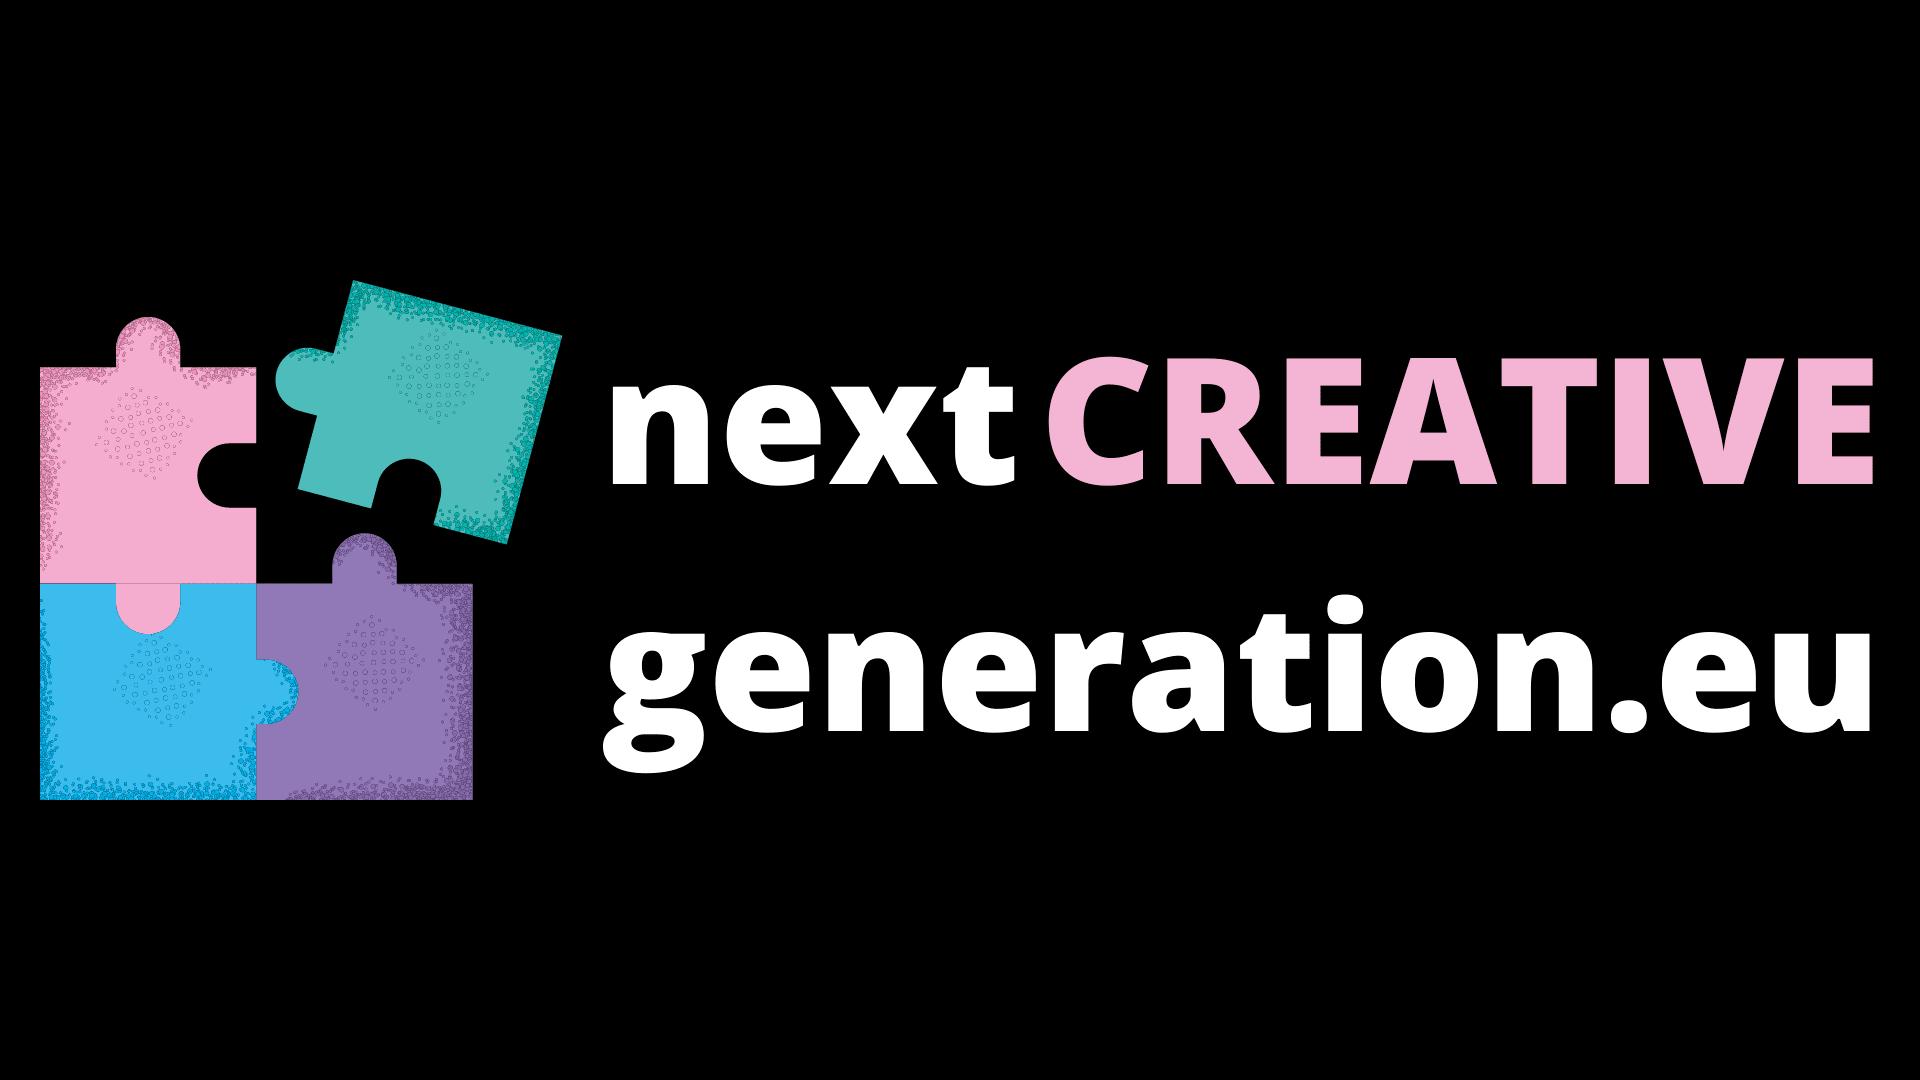 nextcreativegeneration